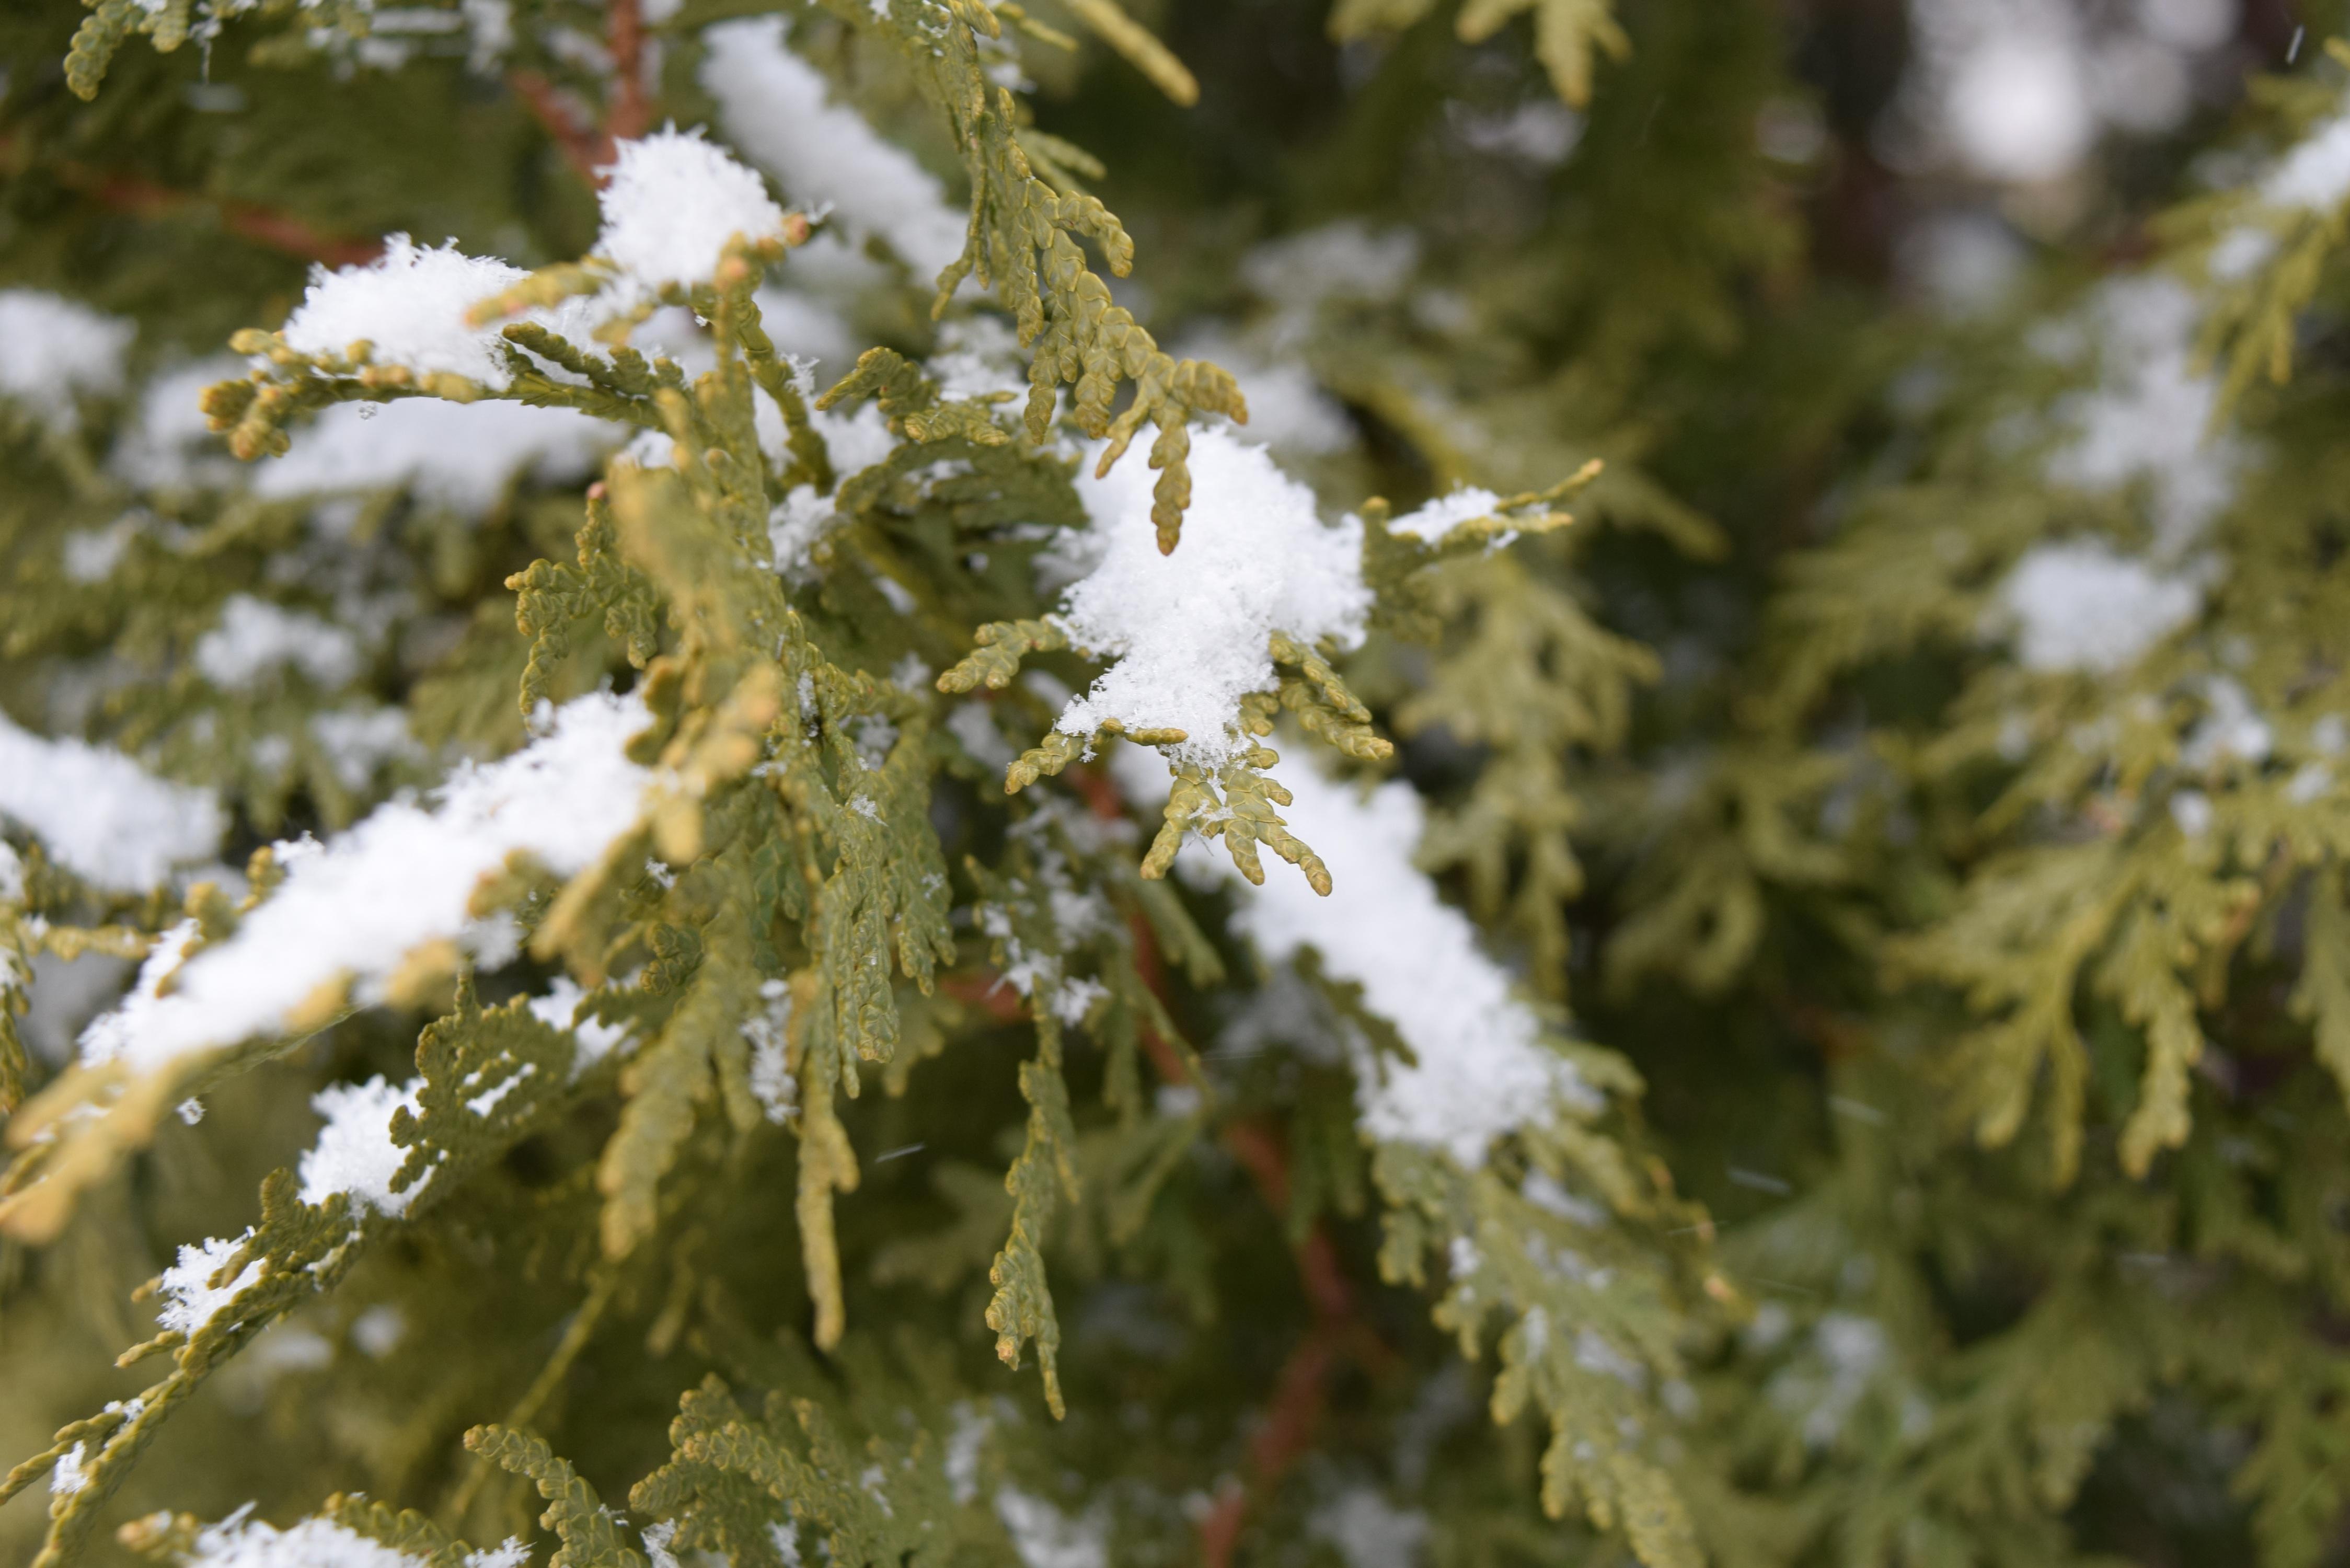 Baum Natur Ast Schnee Winter Pflanze Blatt Blume Frost Eis Grün Wetter Tanne Flora Jahreszeit Zweig